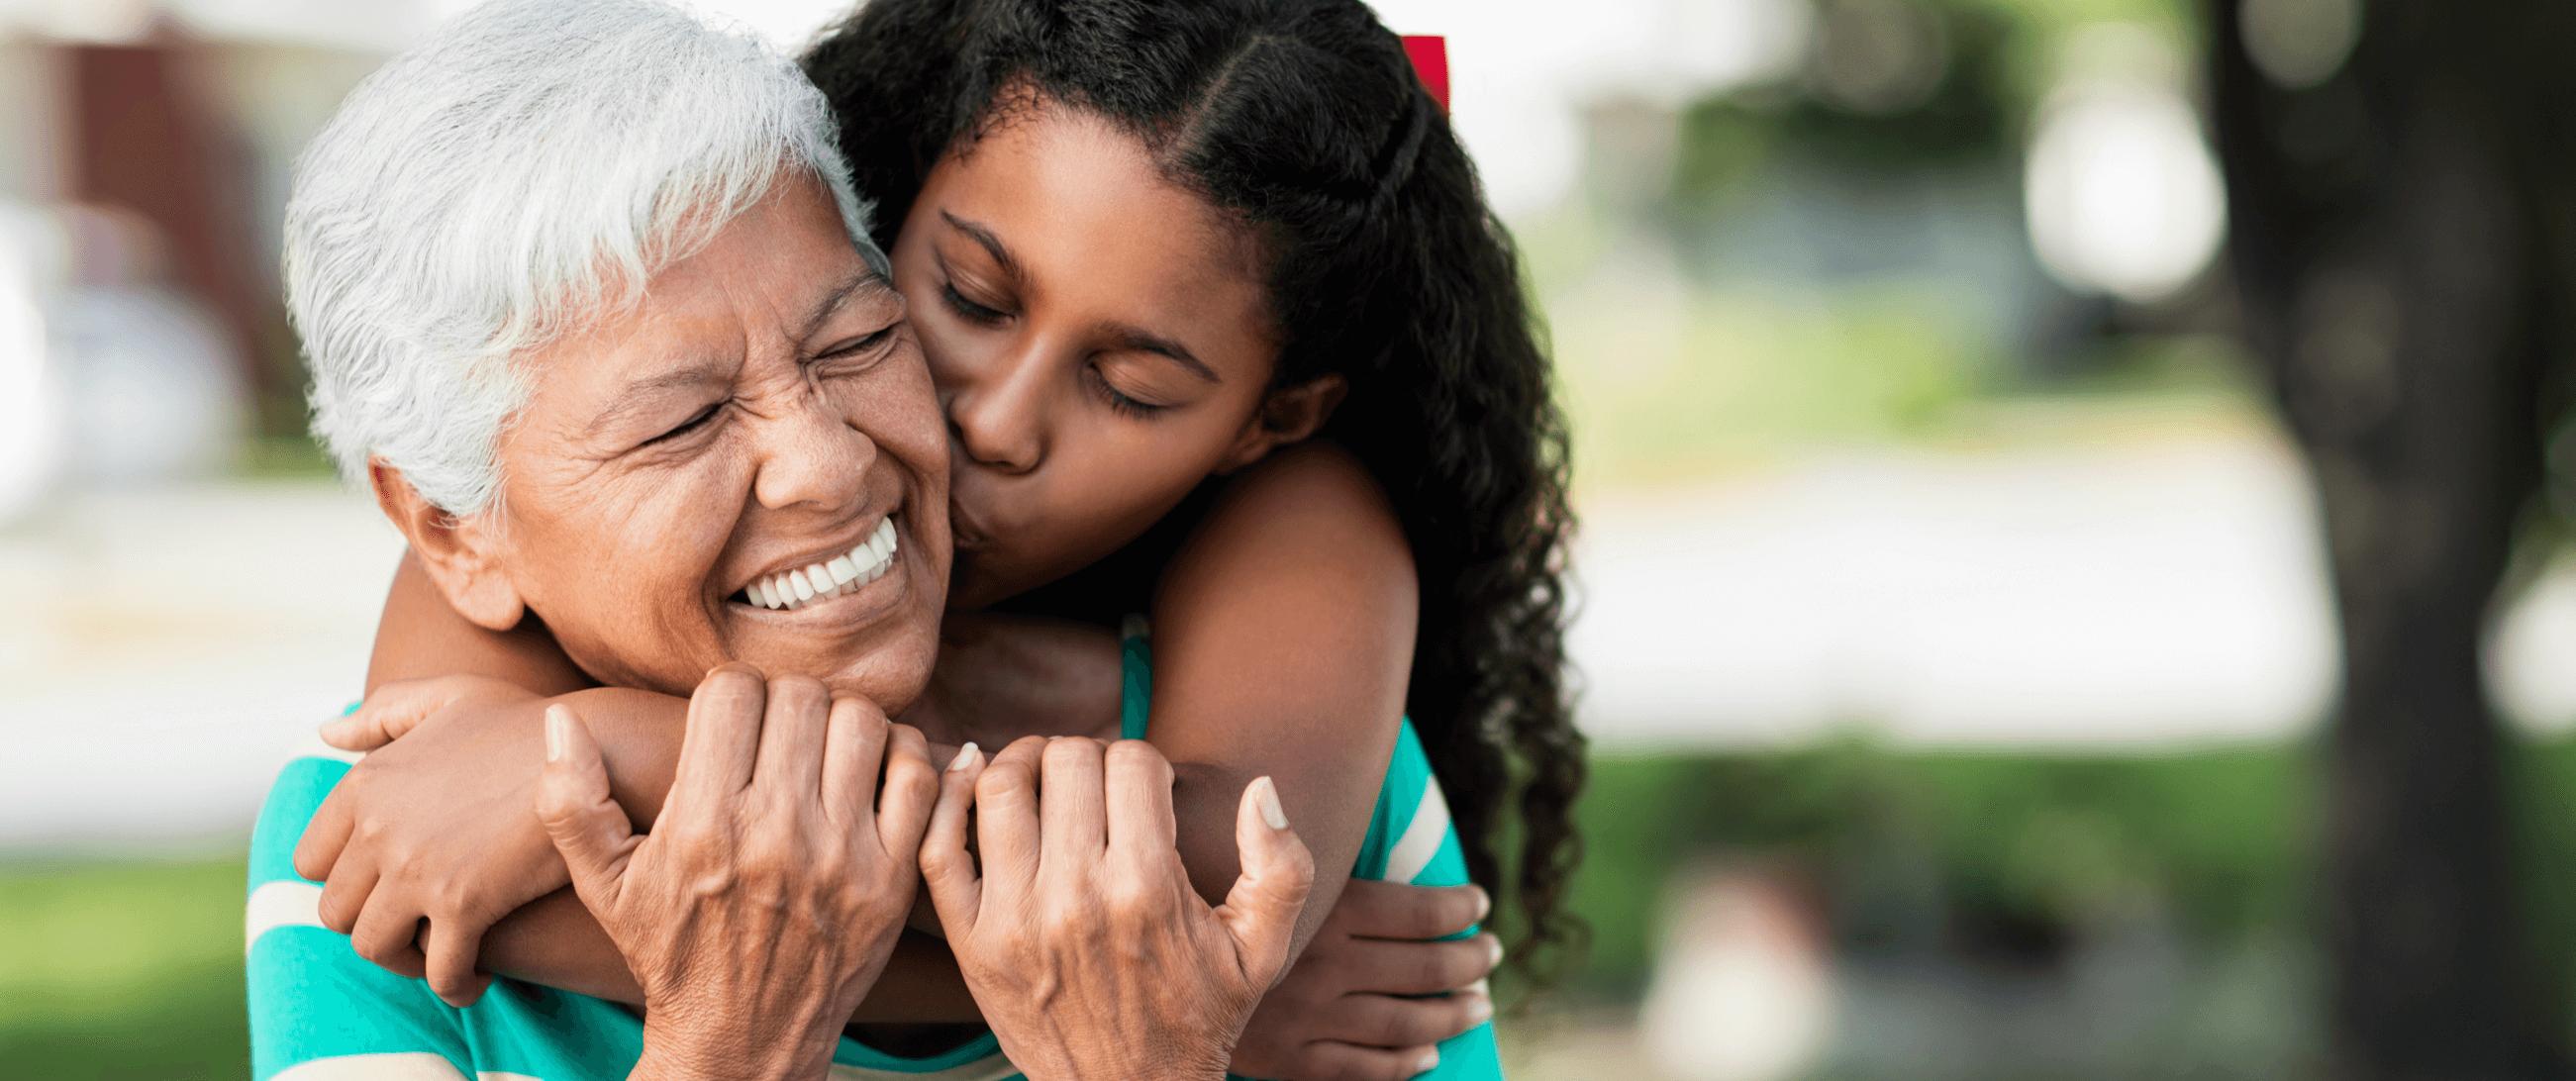 granddaughter hugging her grandma